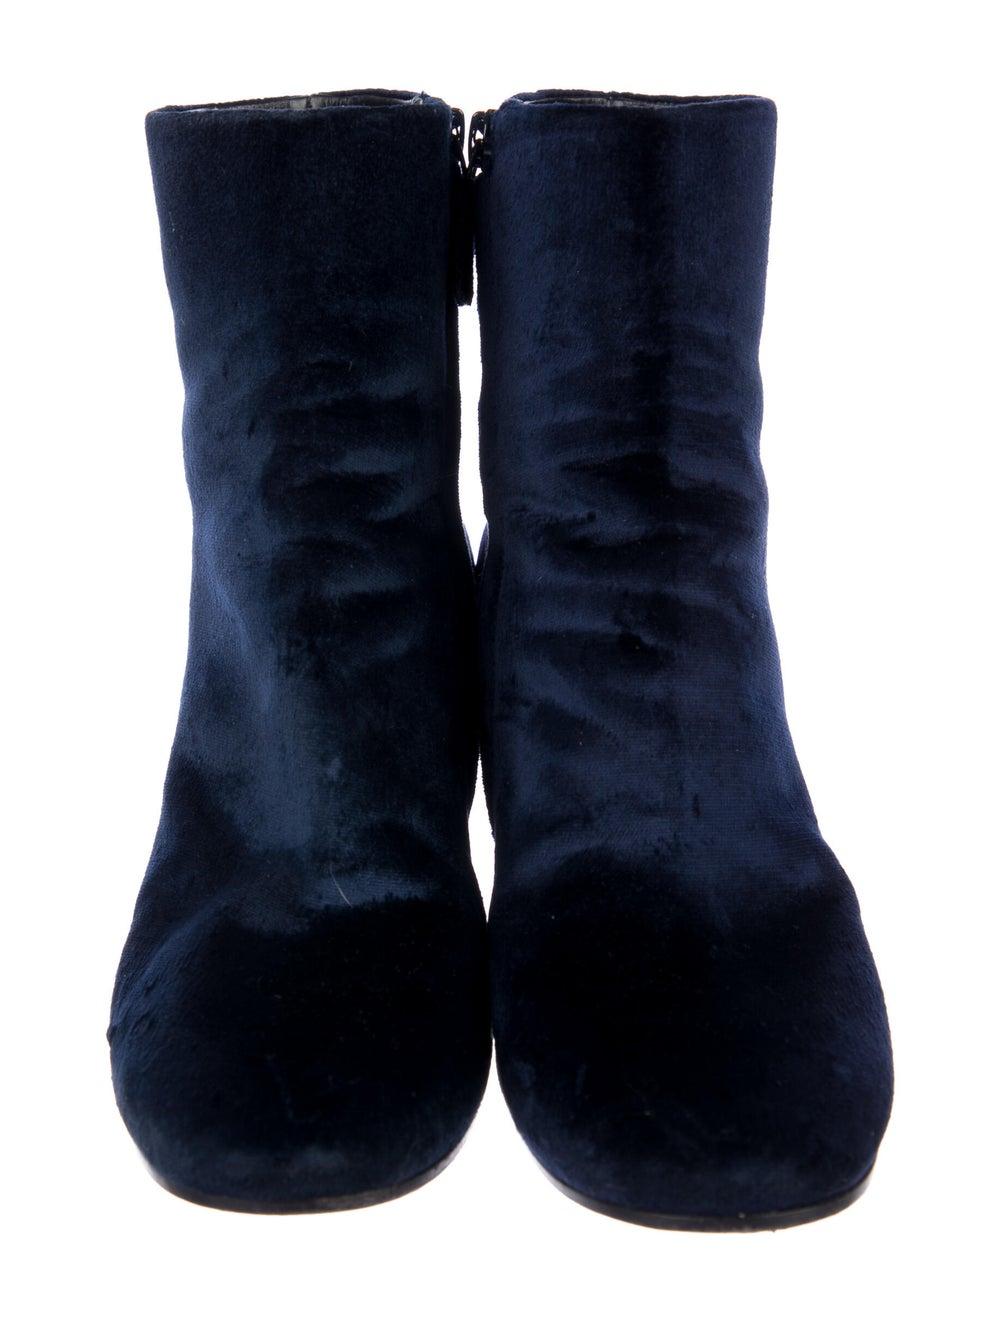 Balenciaga Boots Blue - image 3